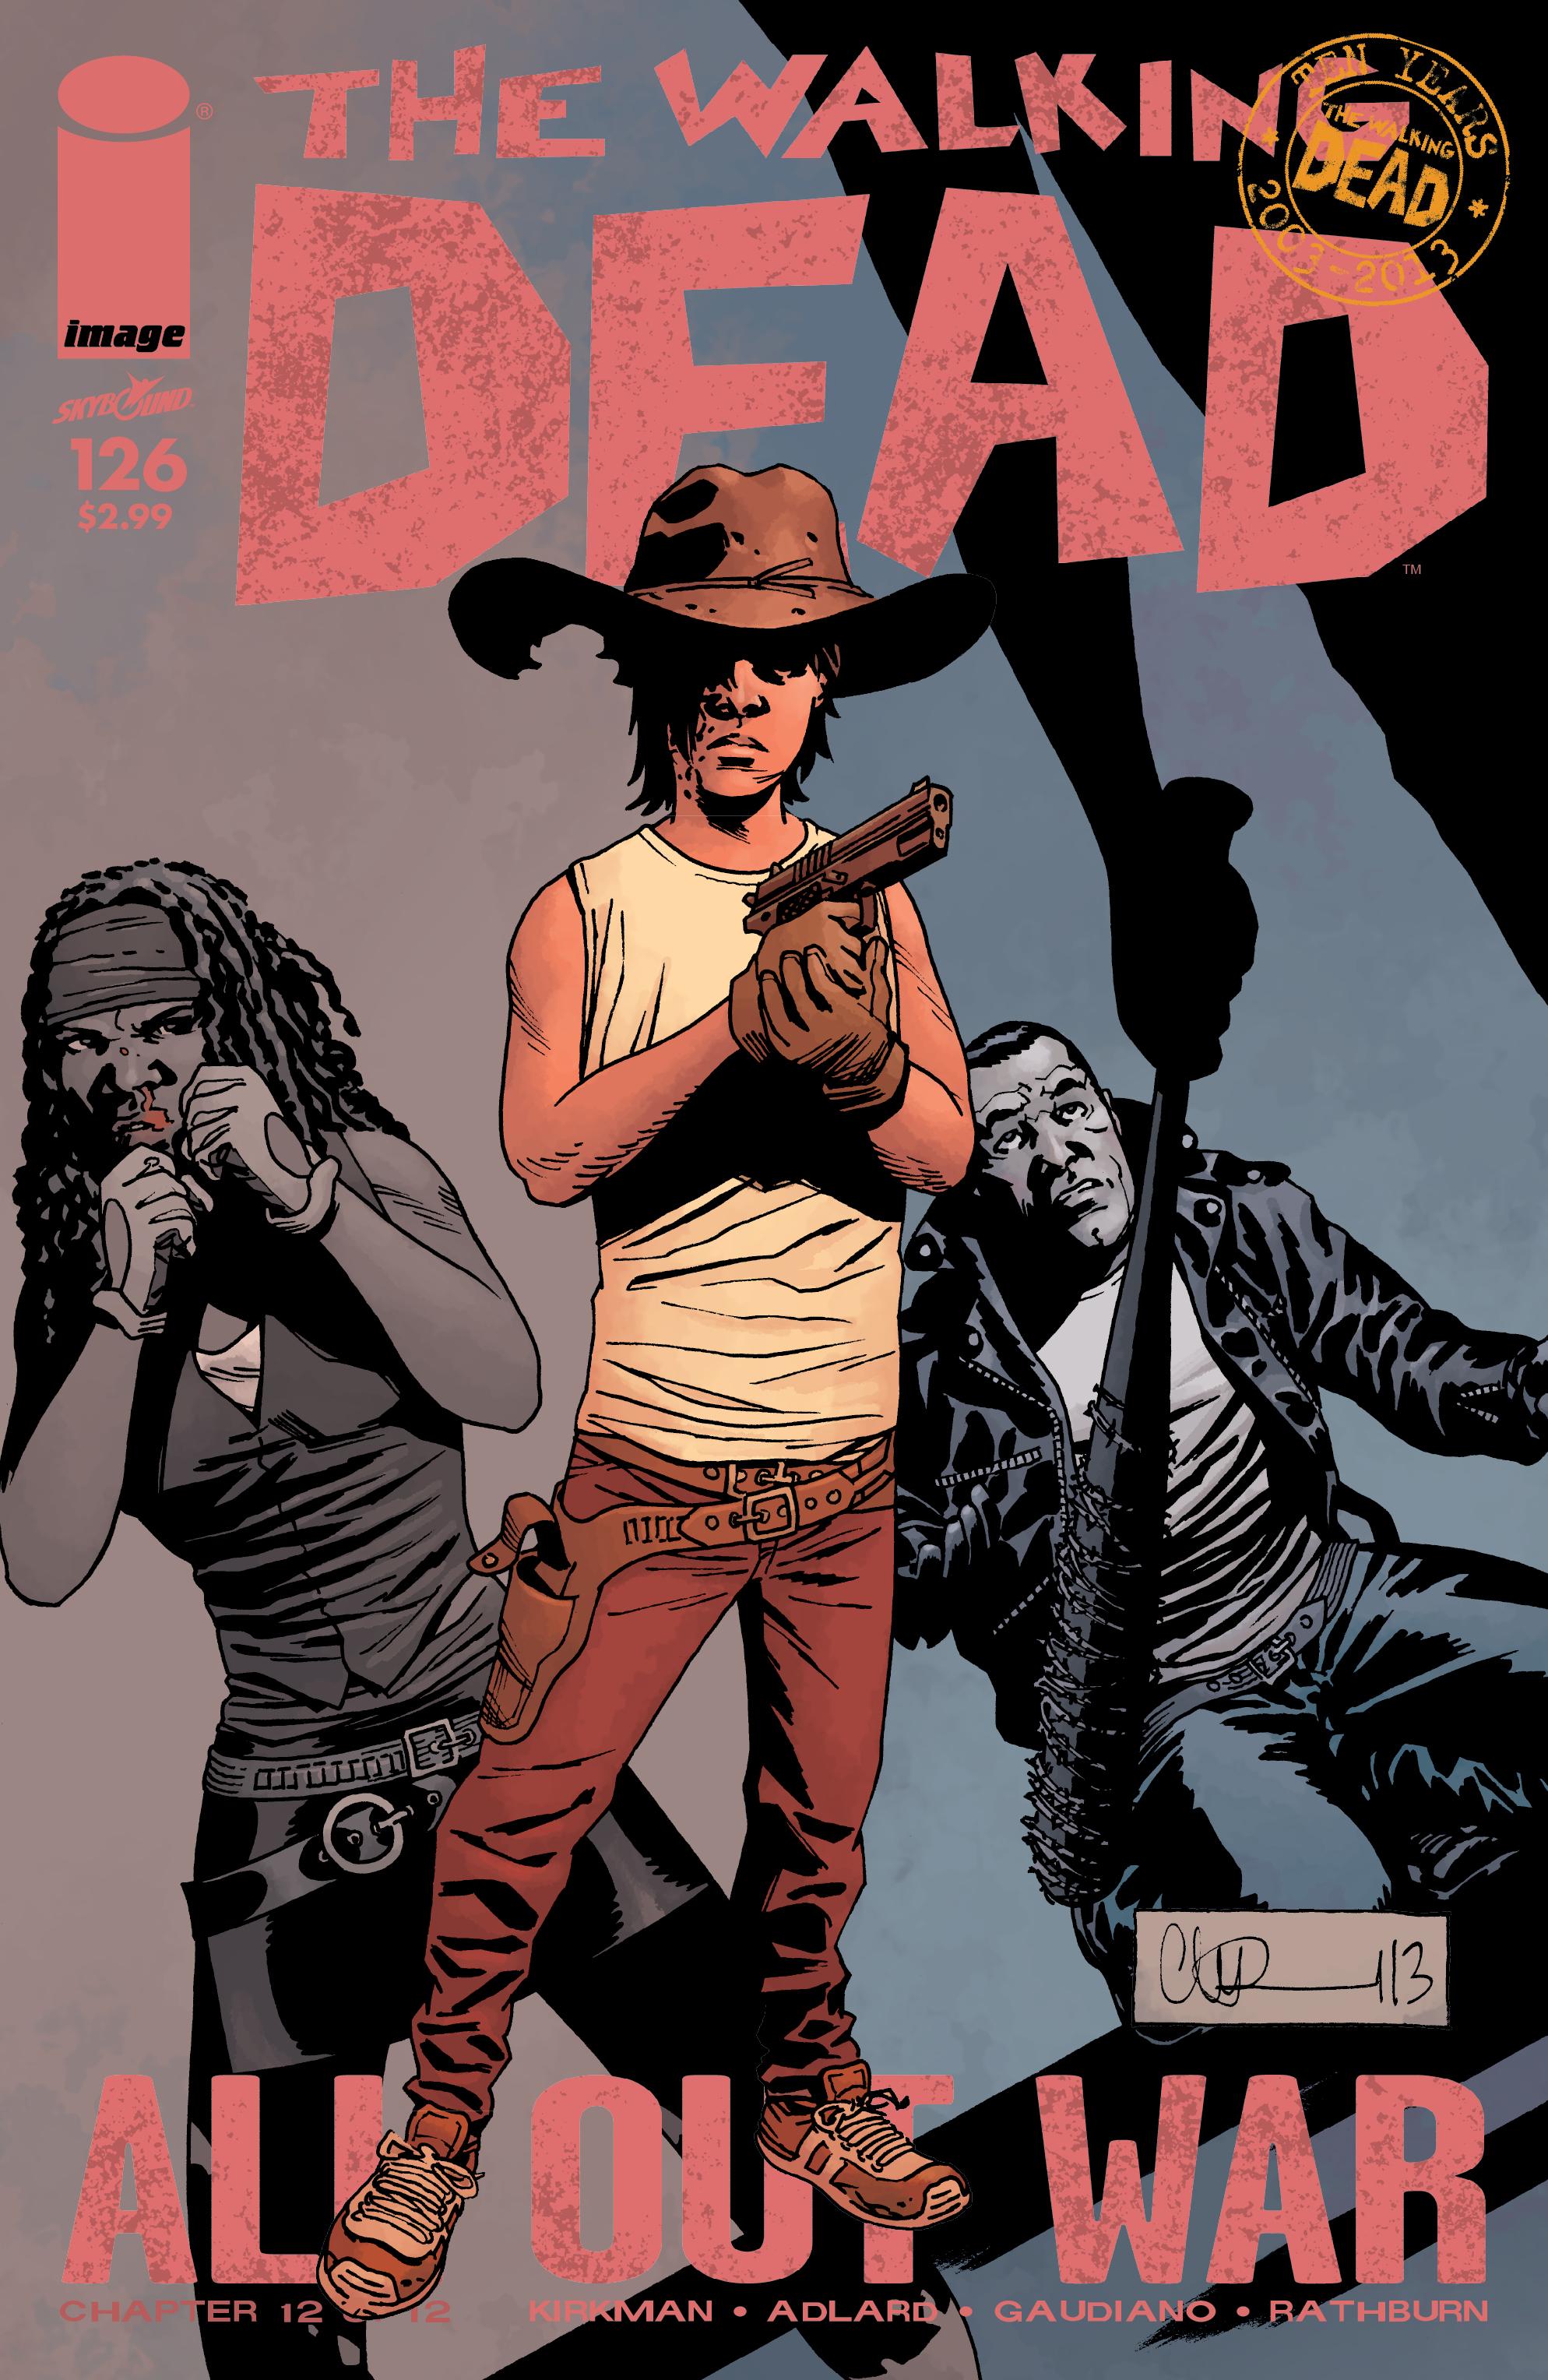 The Walking Dead Comic 101 Pdf